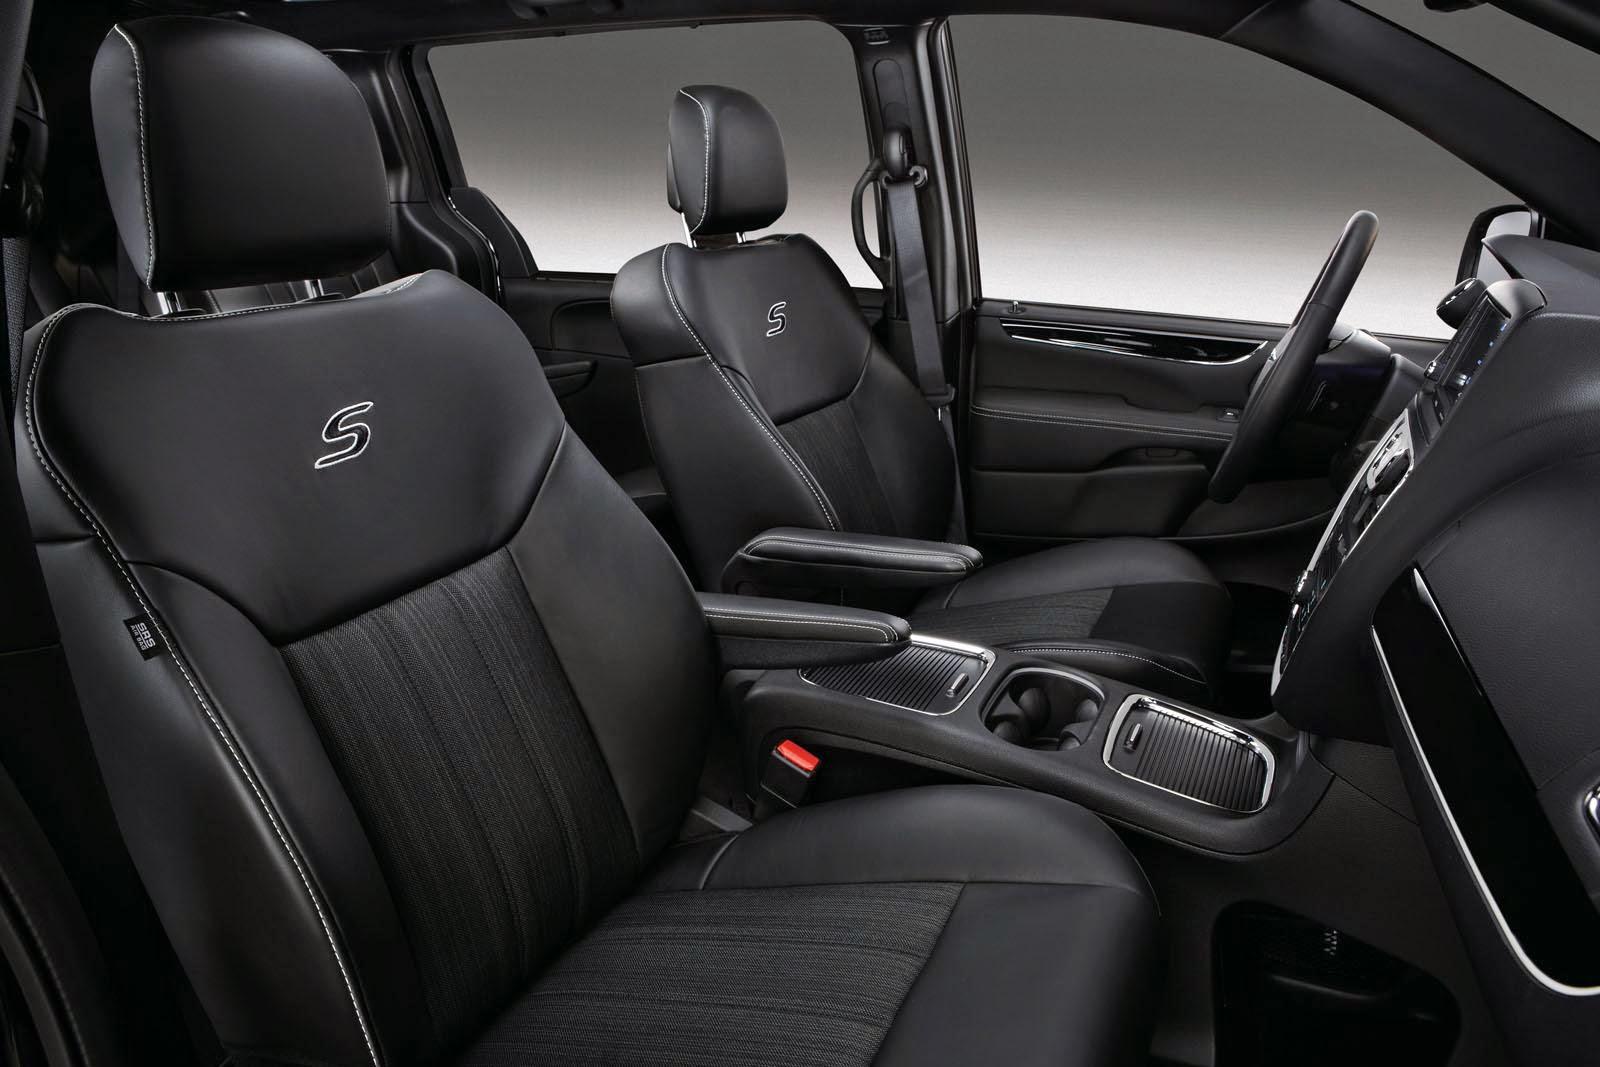 Promozione Lancia Voyager S prezzo maggio 2015